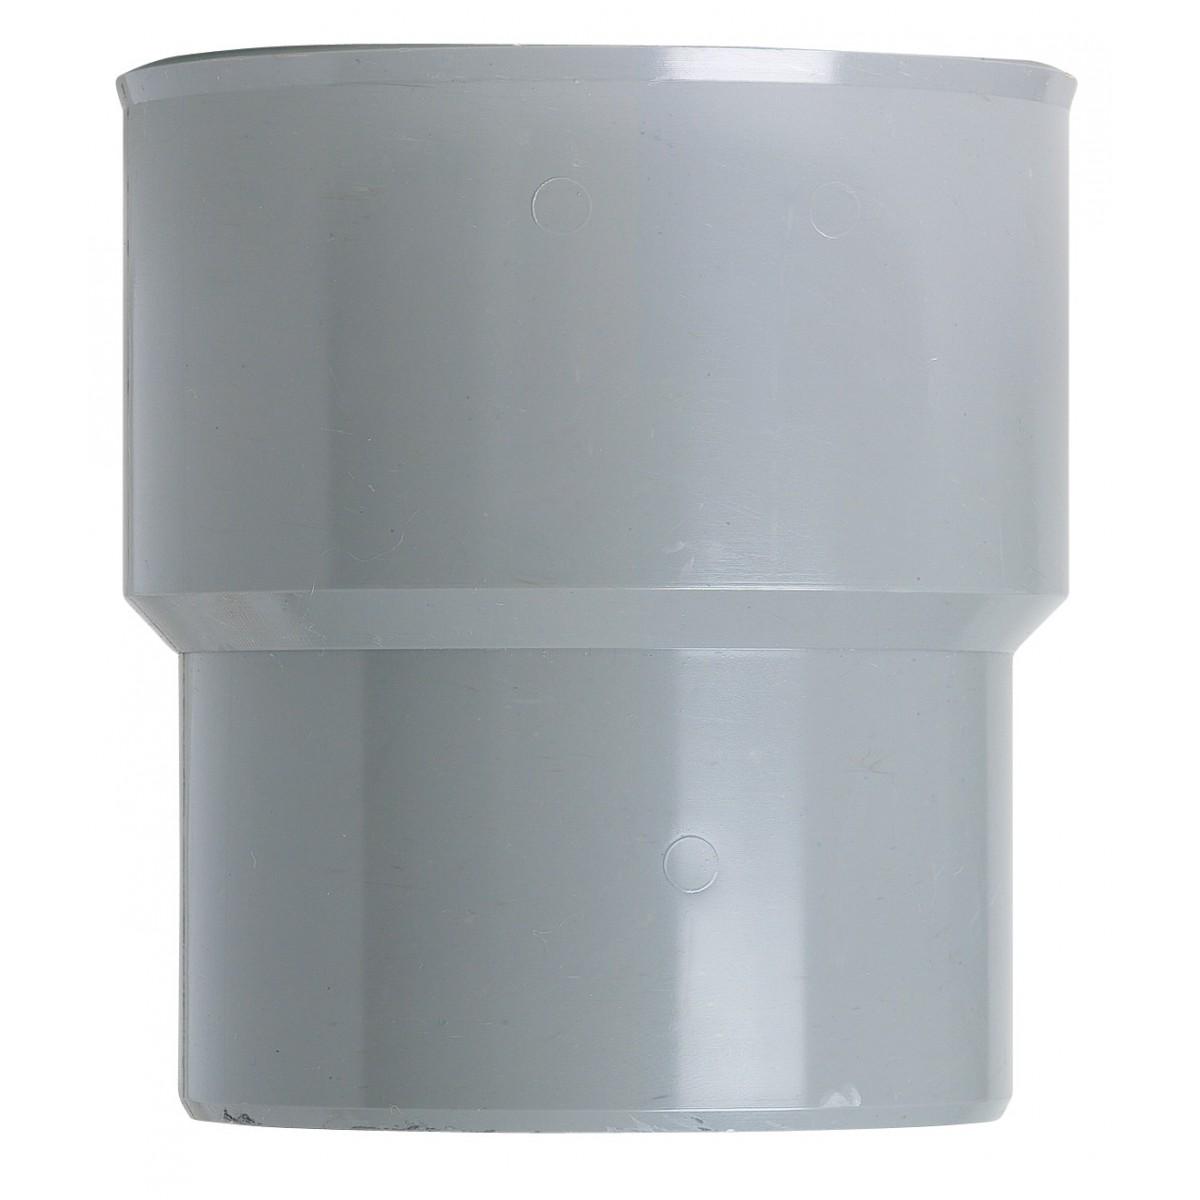 Manchette de réparation Femelle / Mâle Girpi - Diamètre 100 - 93 mm